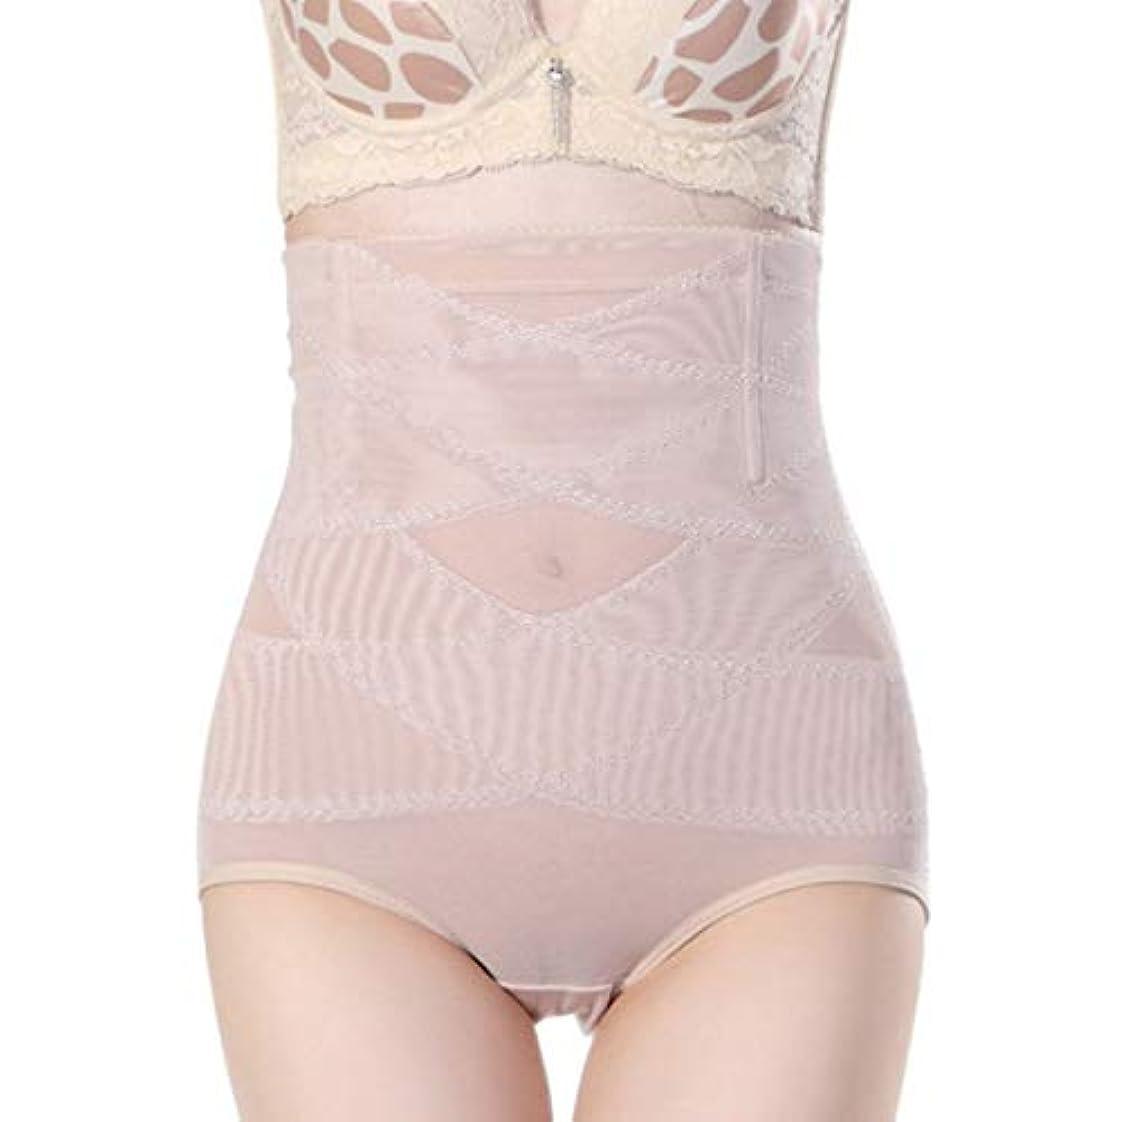 絶縁するねばねば推進、動かす腹部制御下着シームレスおなかコントロールパンティーバットリフターボディシェイパーを痩身通気性のハイウエストの女性 - 肌色3 XL